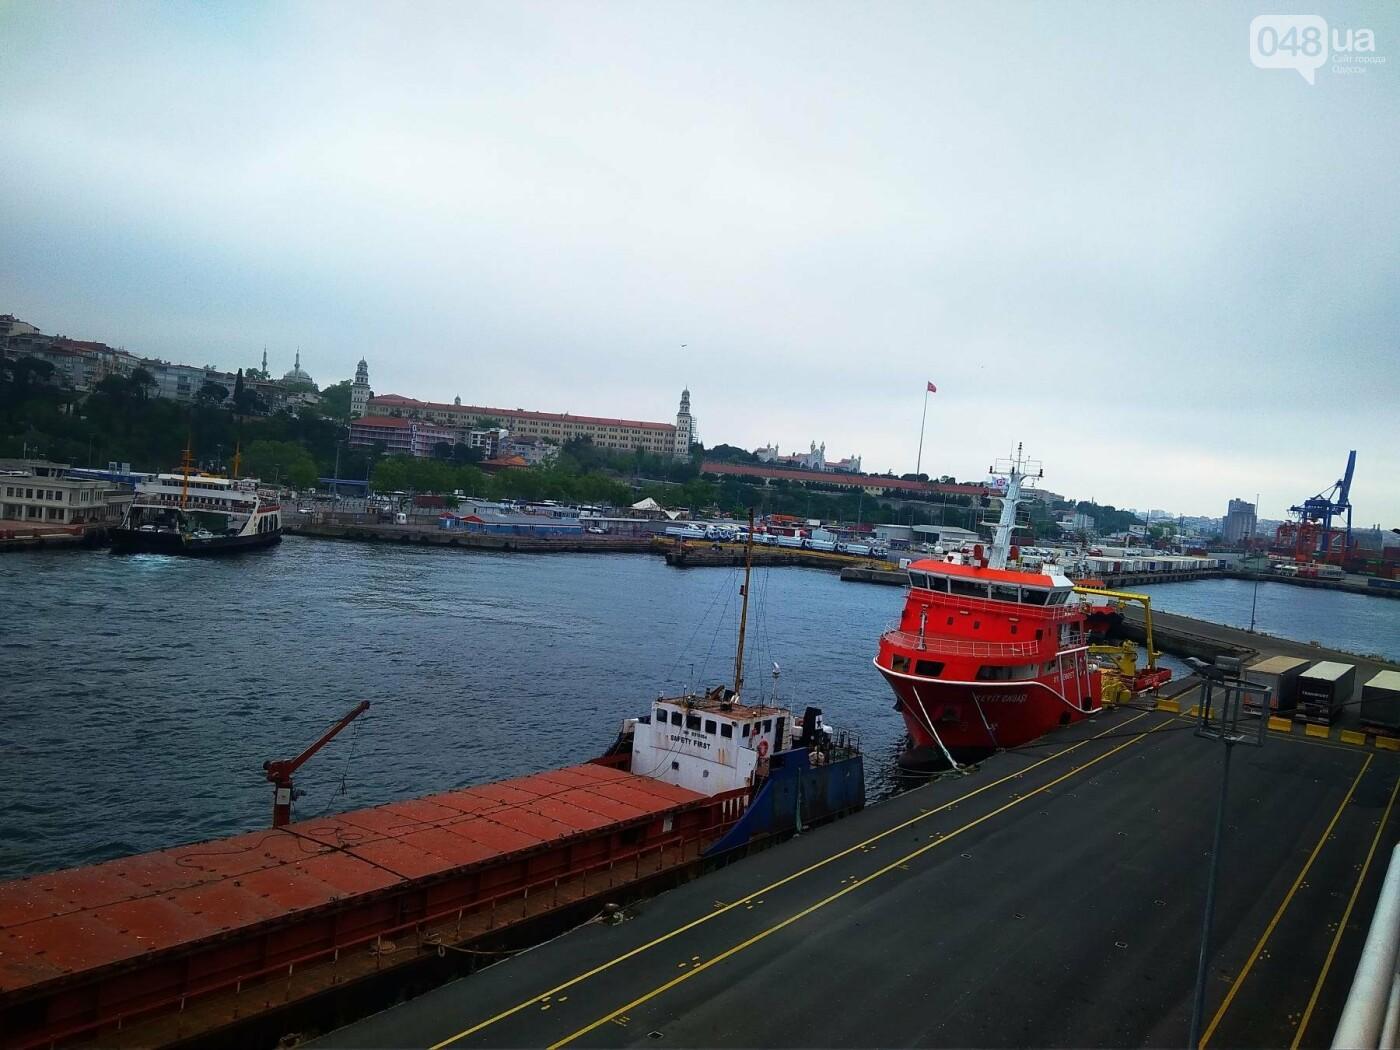 Проверено на себе: Путешествие из Одессы в Стамбул на пароме, - ФОТОРЕПОРТАЖ, фото-4